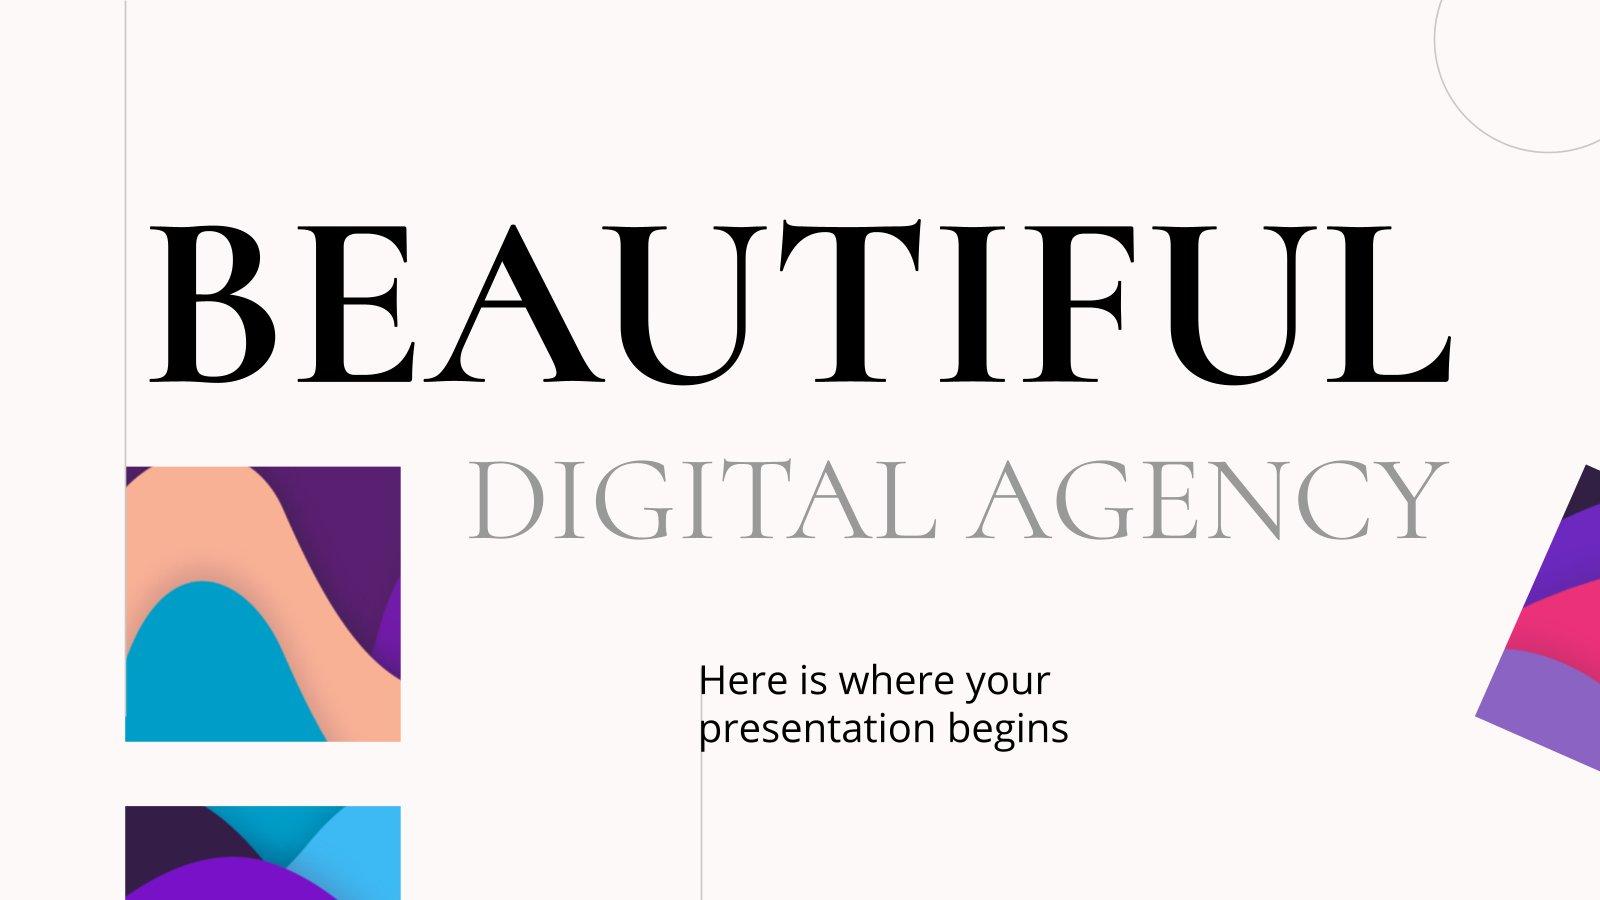 Schöne digitale Agentur Präsentationsvorlage